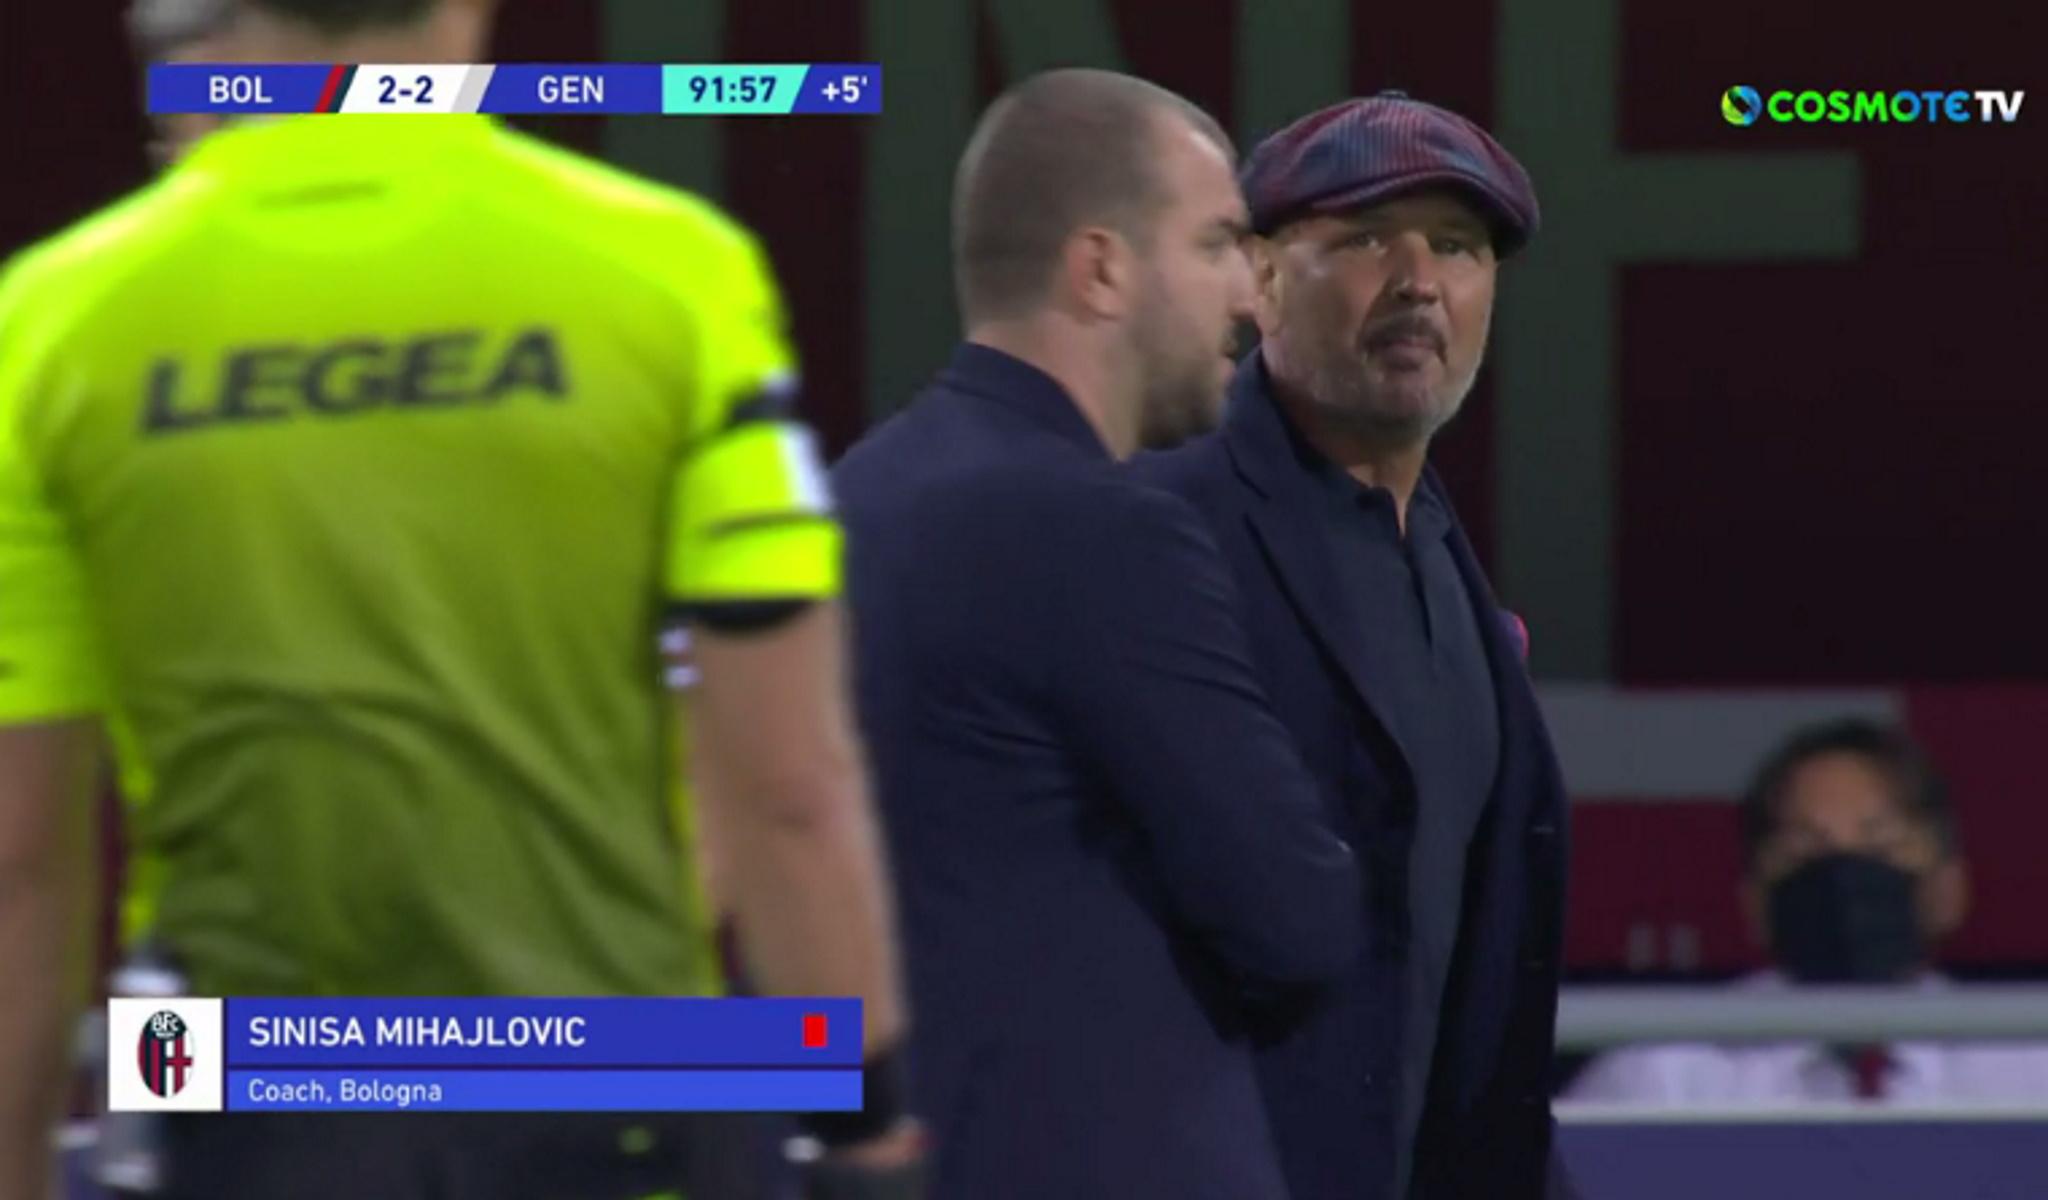 Μπολόνια – Τζένοα 2-2: Ματσάρα με δυο πέναλτι, αποβολή για Μιχαΐλοβιτς και «γαλλικά» στον διαιτητή